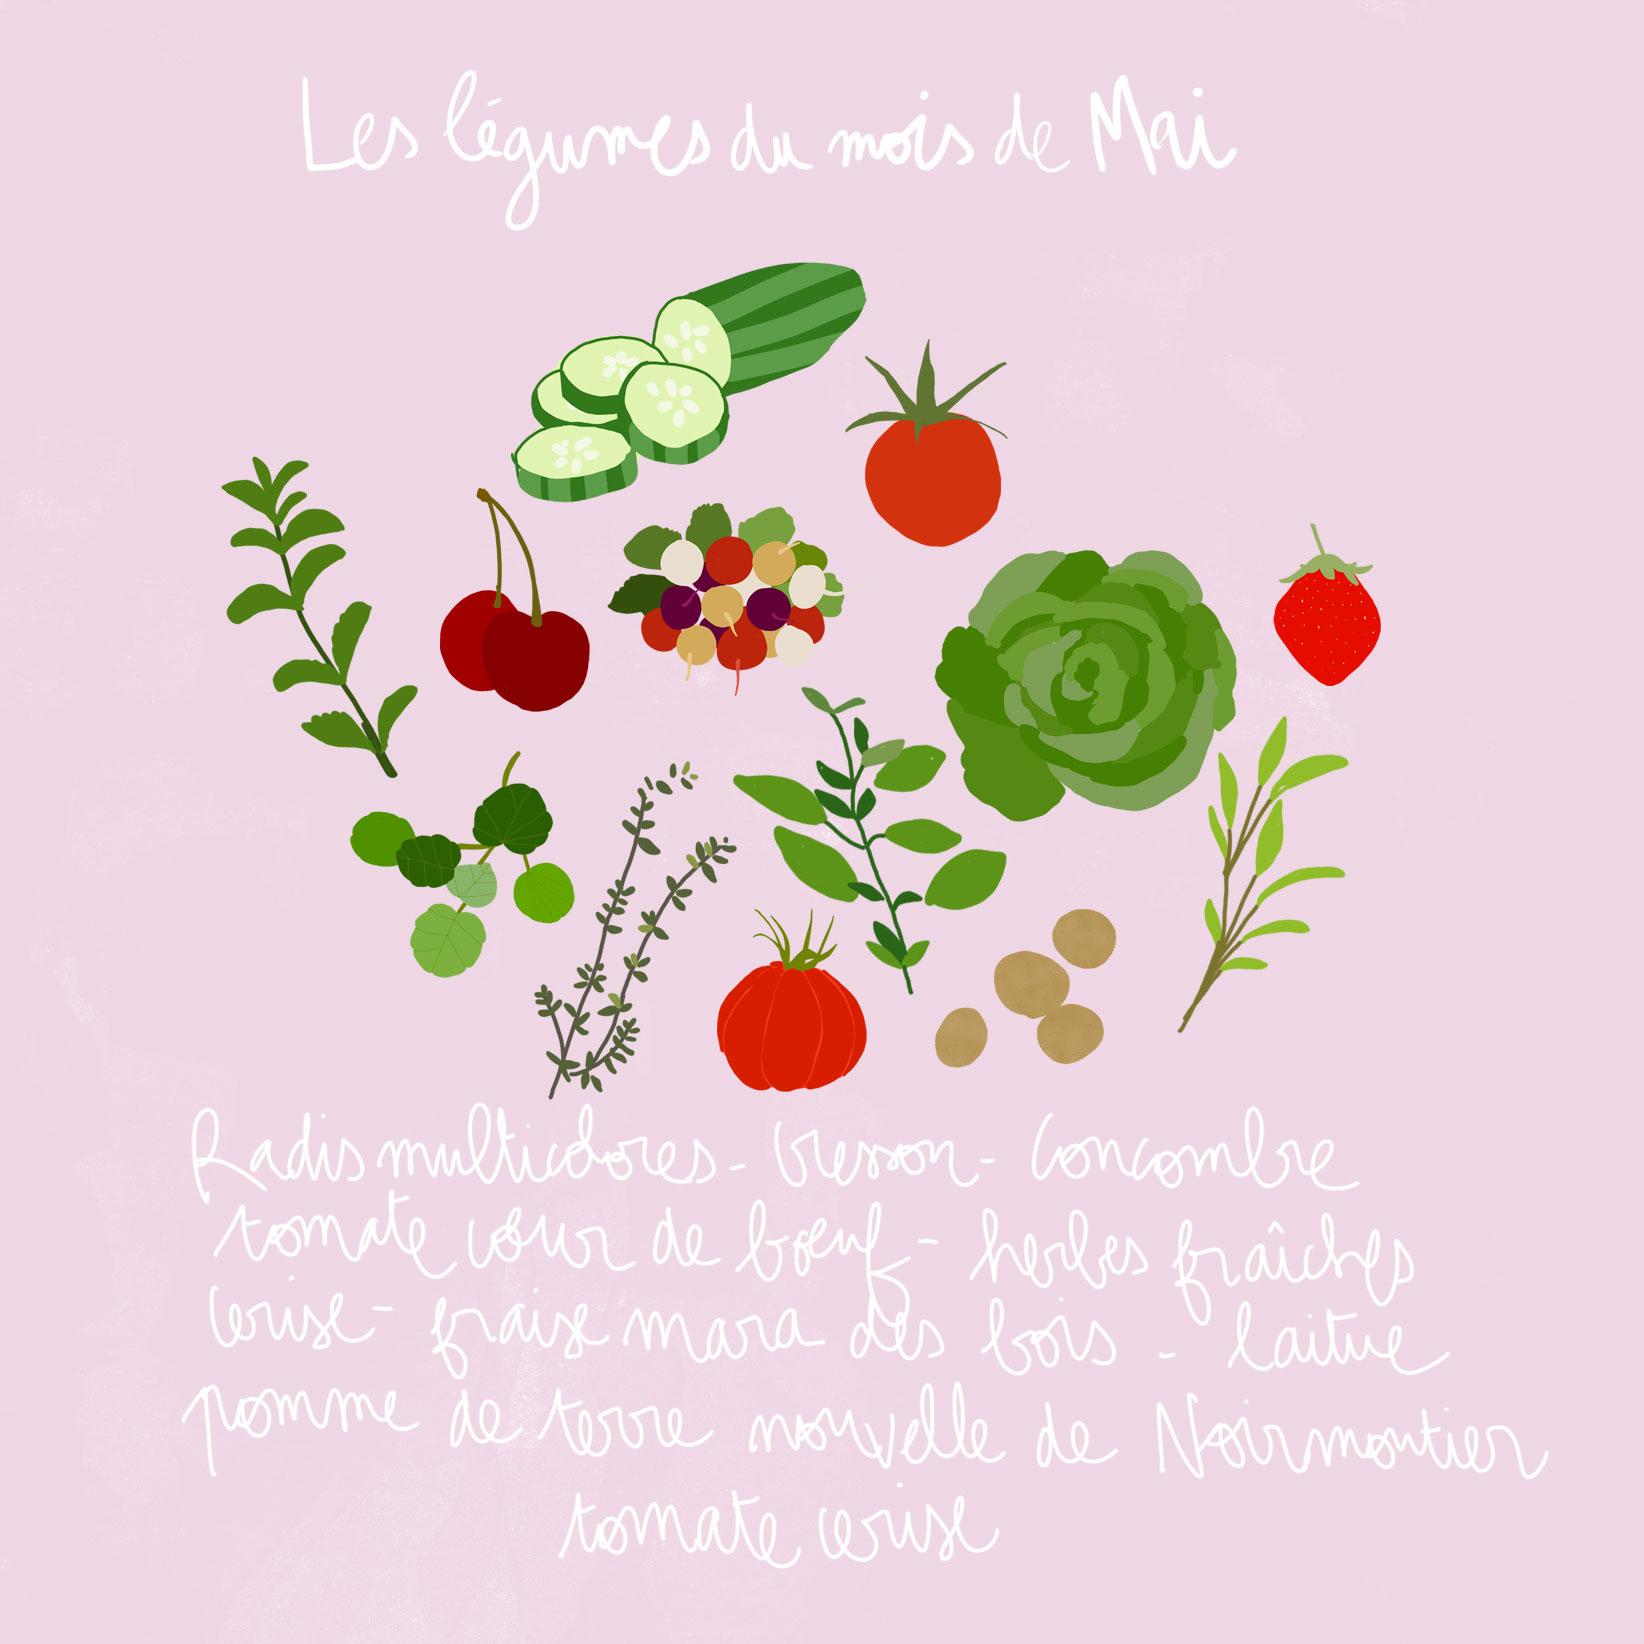 Fruits et l gumes de saison mai d couvrez les fruits et l gumes de saison du mois de mai - Fruits et legumes aout ...